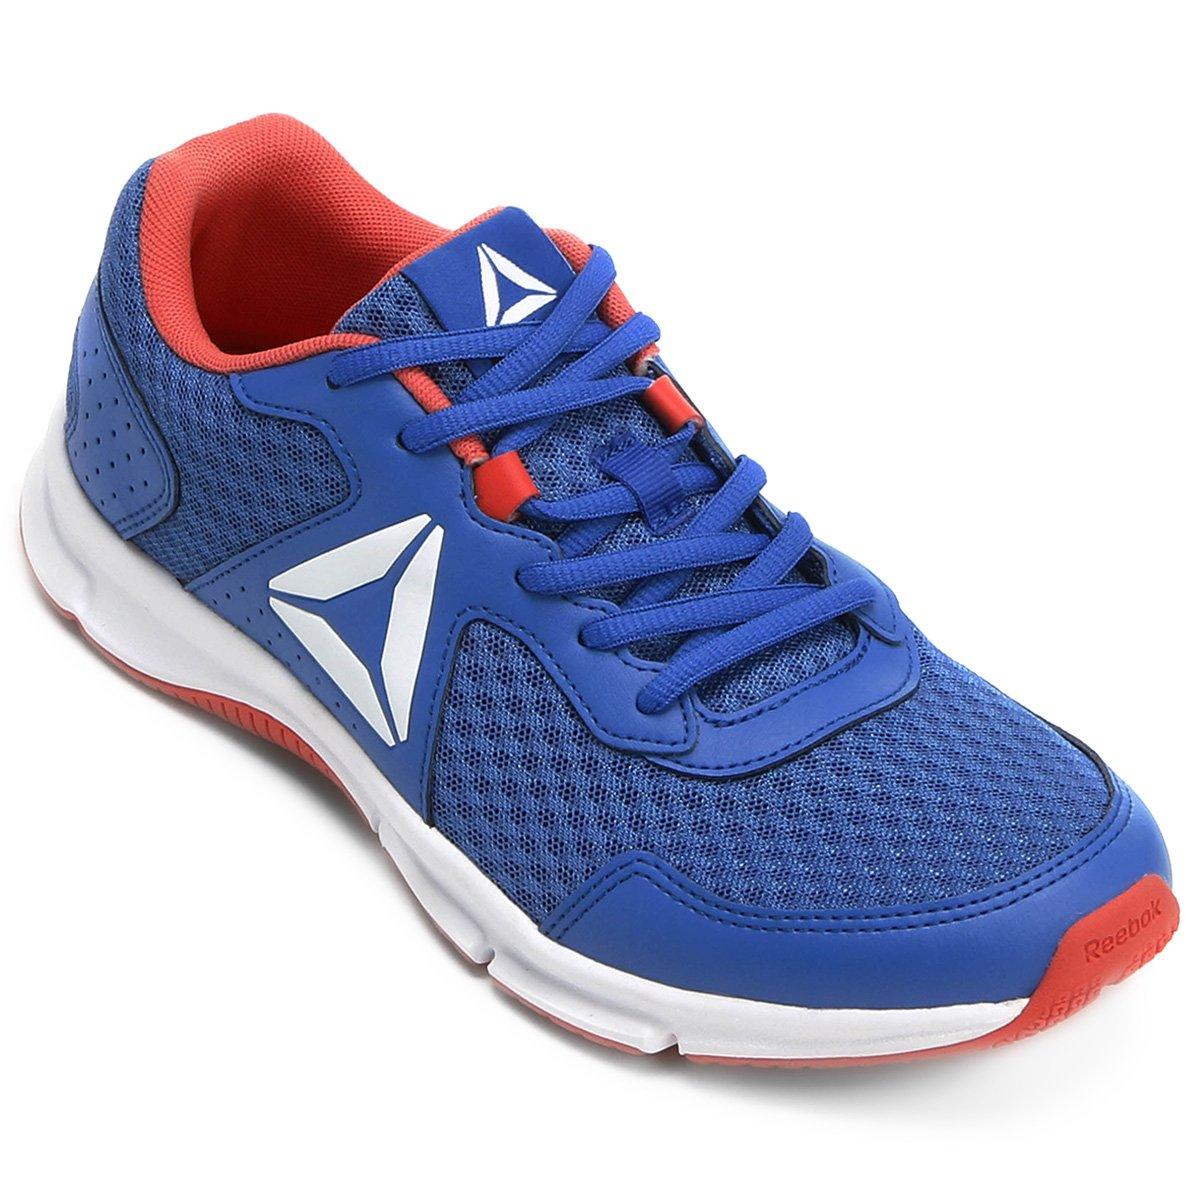 226a4fdb266 Tênis Reebok Canton Runner Feminino - Azul e Vermelho - Compre Agora ...